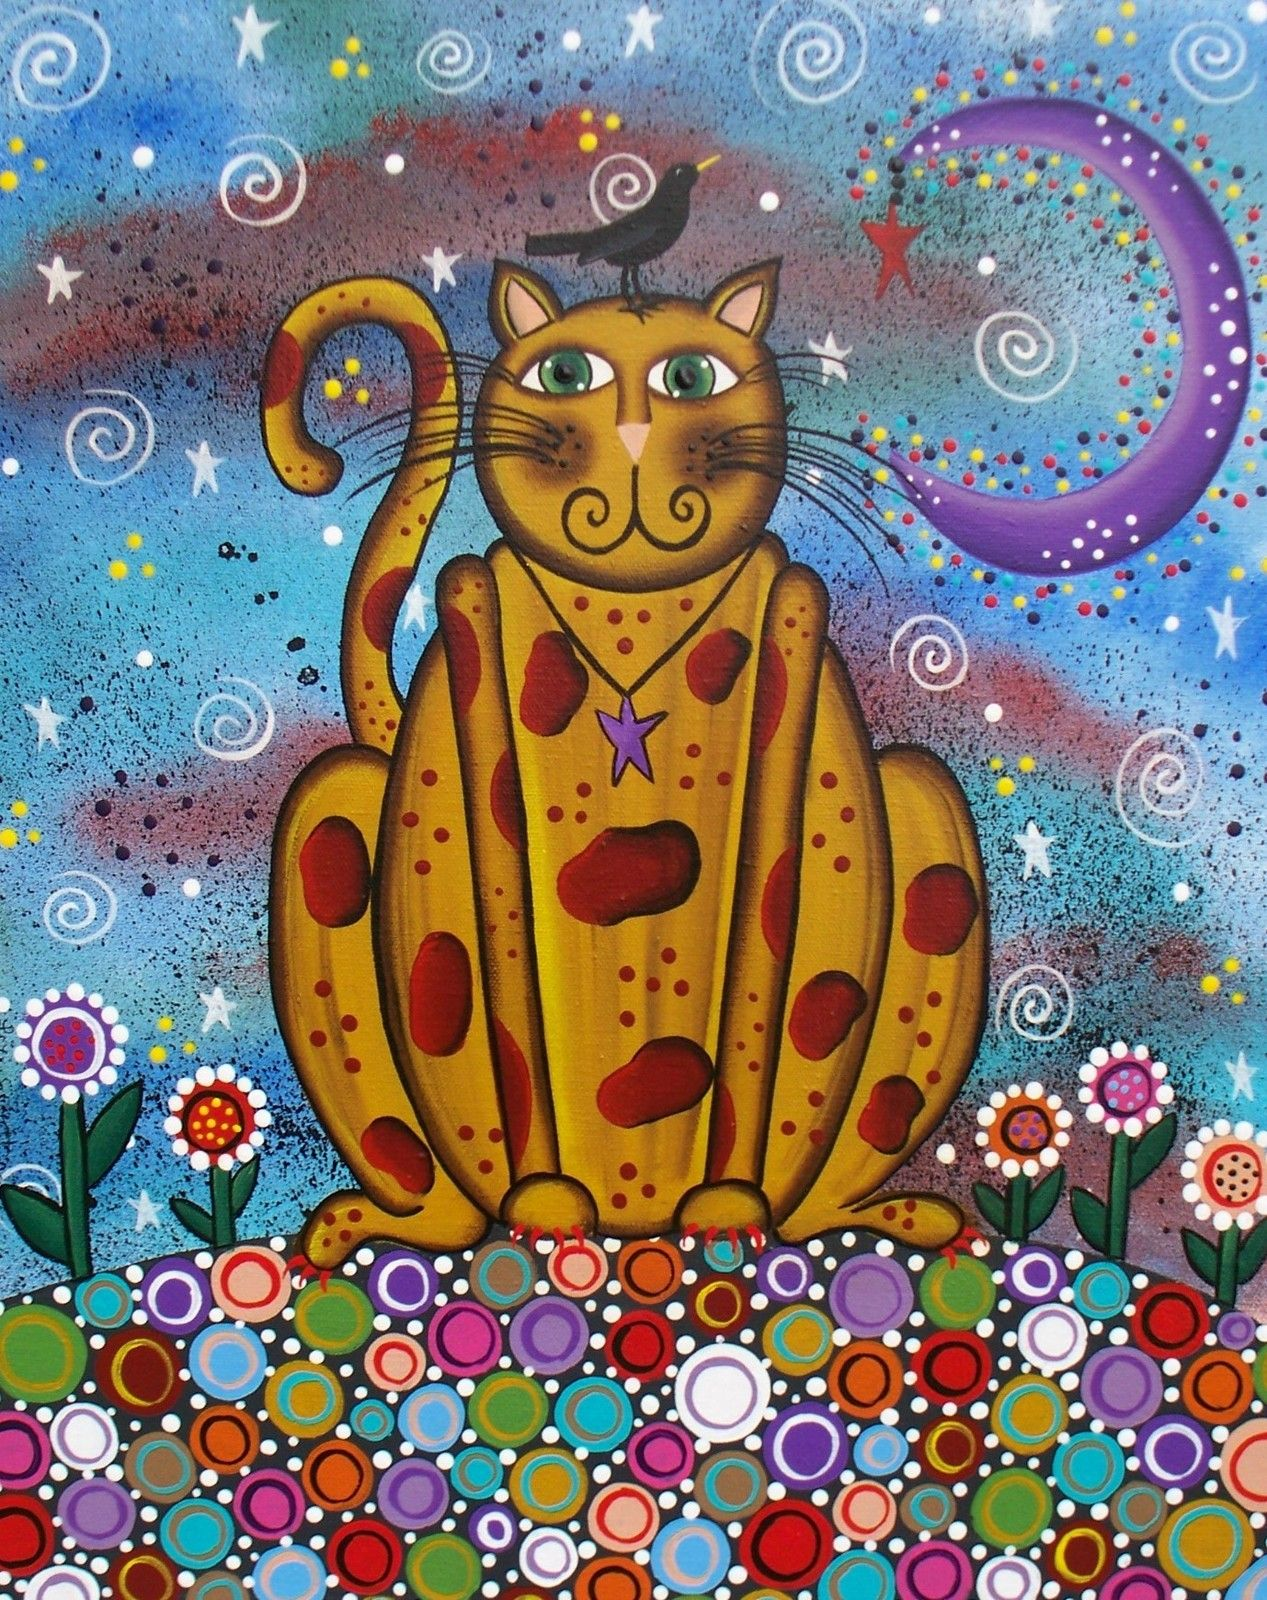 Cat Green Eye's by Lori Everett